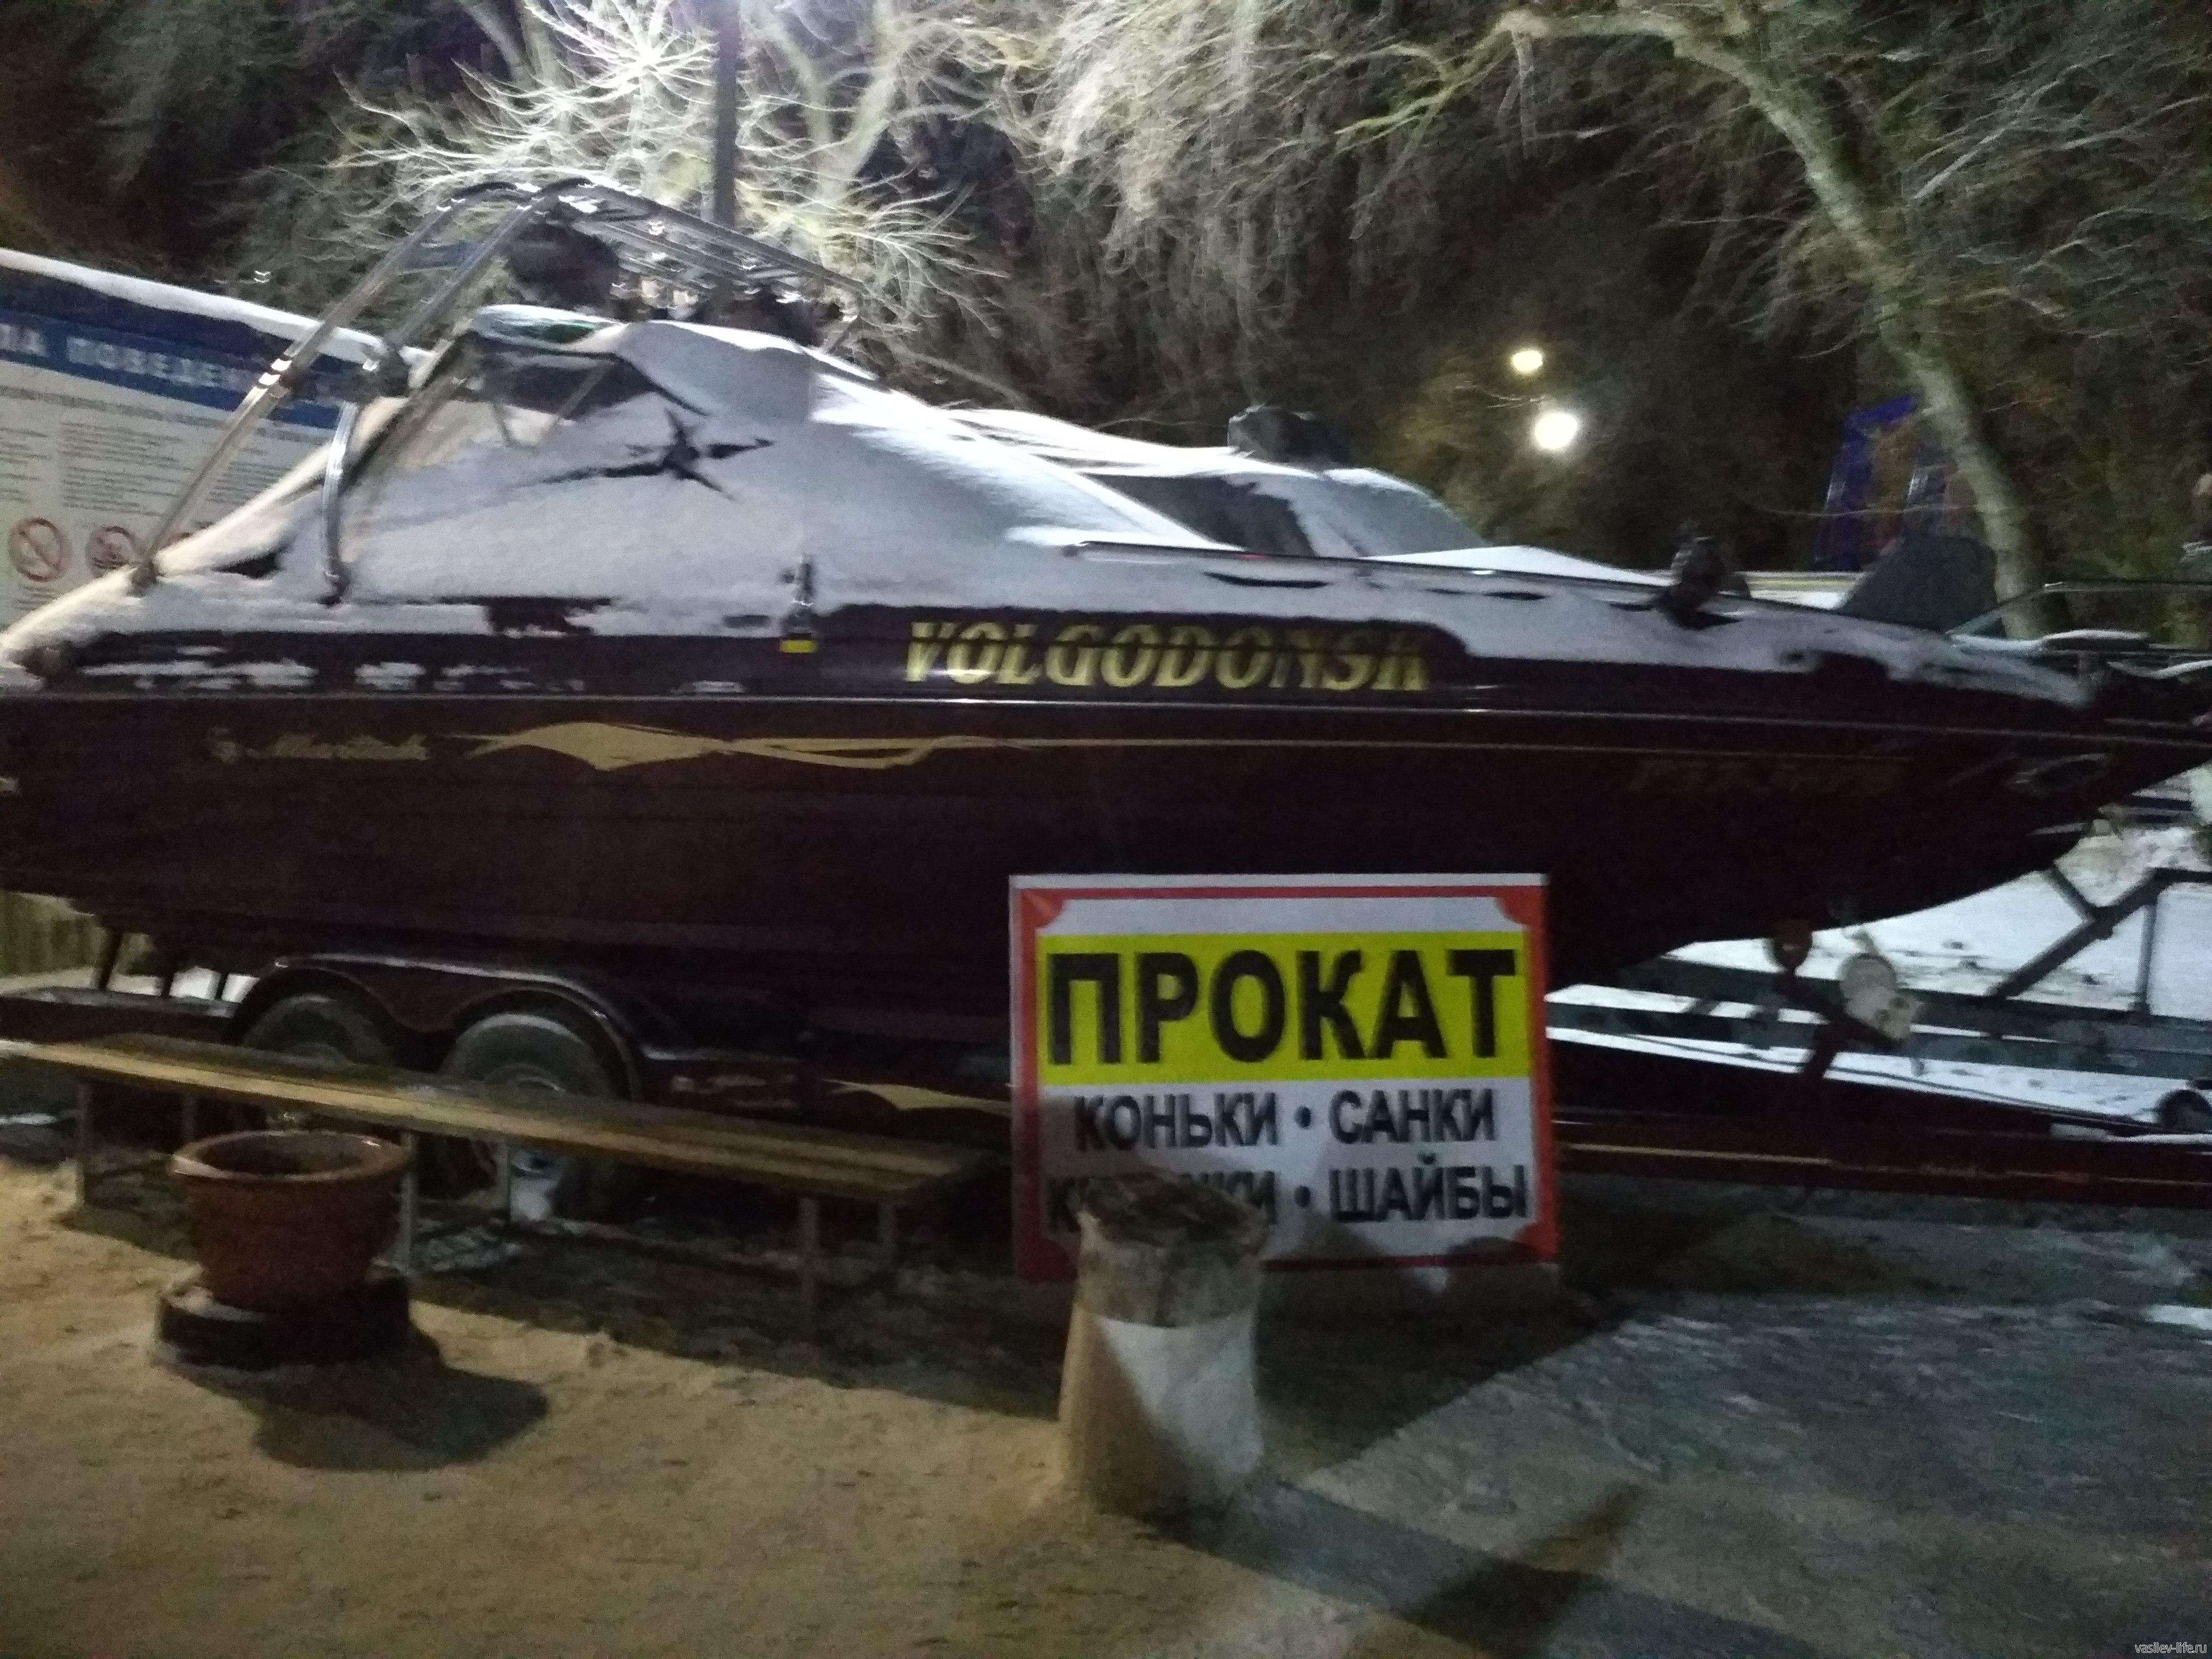 Прокат на Горке в Романовке (Волгодонск)